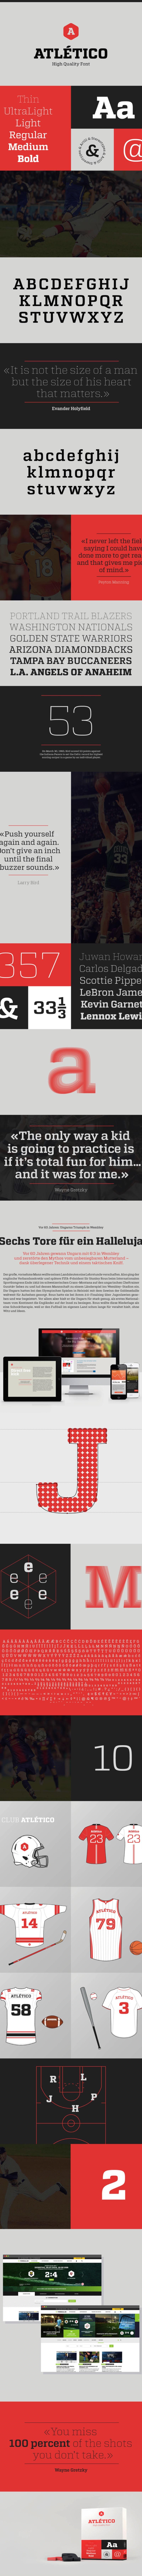 Conheci o trabalho de tipografia do Sascha Timplan por acidente. Ontem mesmo, me peguei olhando com atenção demais ao folheto do dia 31 de Agosto no meu Typodarium e resolvi tentar descobrir quem que fez aquela fonte. A fonte se chama Prism e foi assim que cheguei ao trabalho do Sascha Timplan e seu Stereotypes.